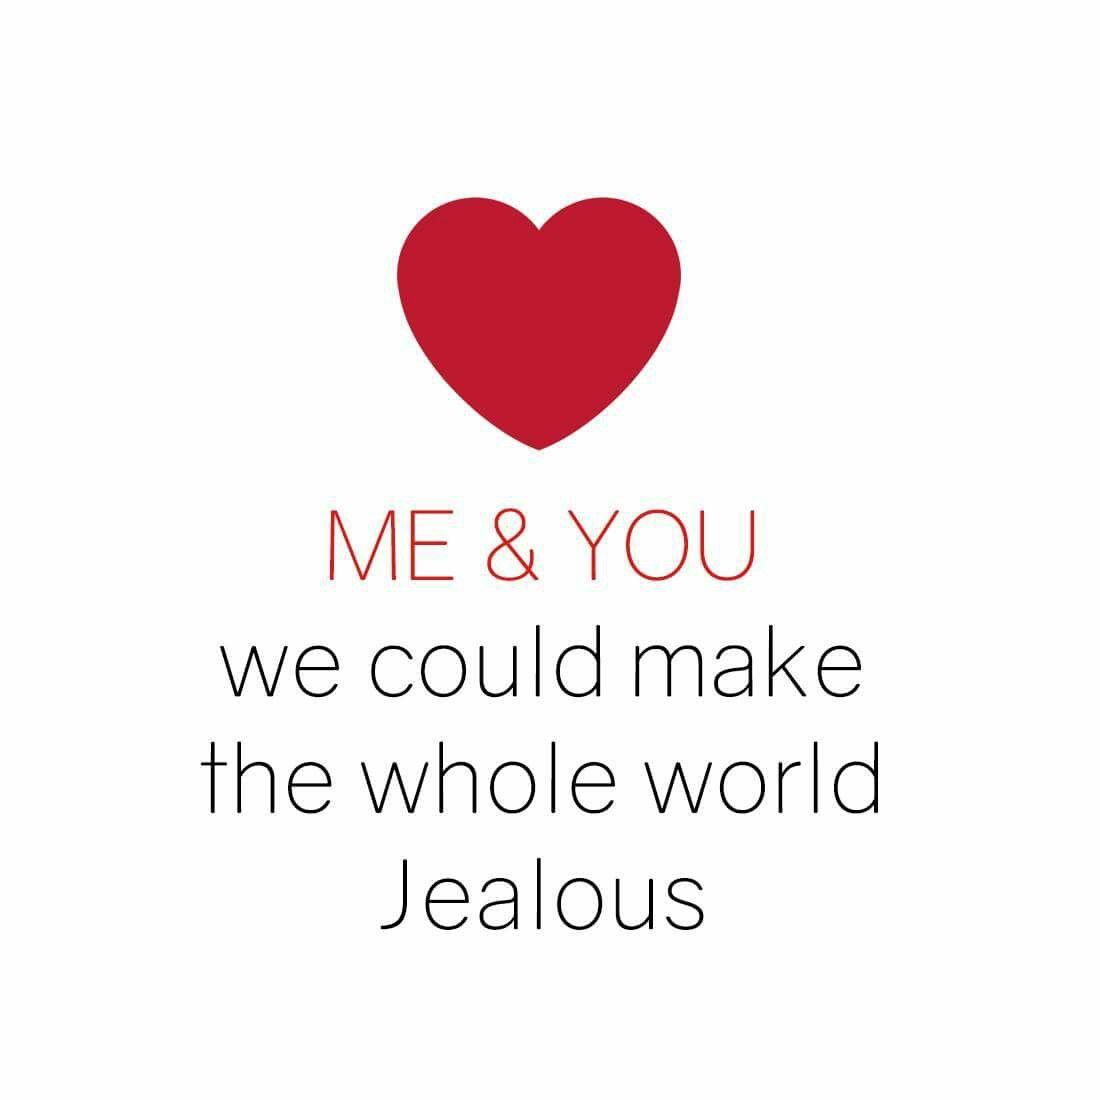 Ingin Rasanya Ku Melebur Mengatakan Cinta Dan Cinta Radhi Love Husband Quotes Love Yourself Quotes Soulmate Love Quotes